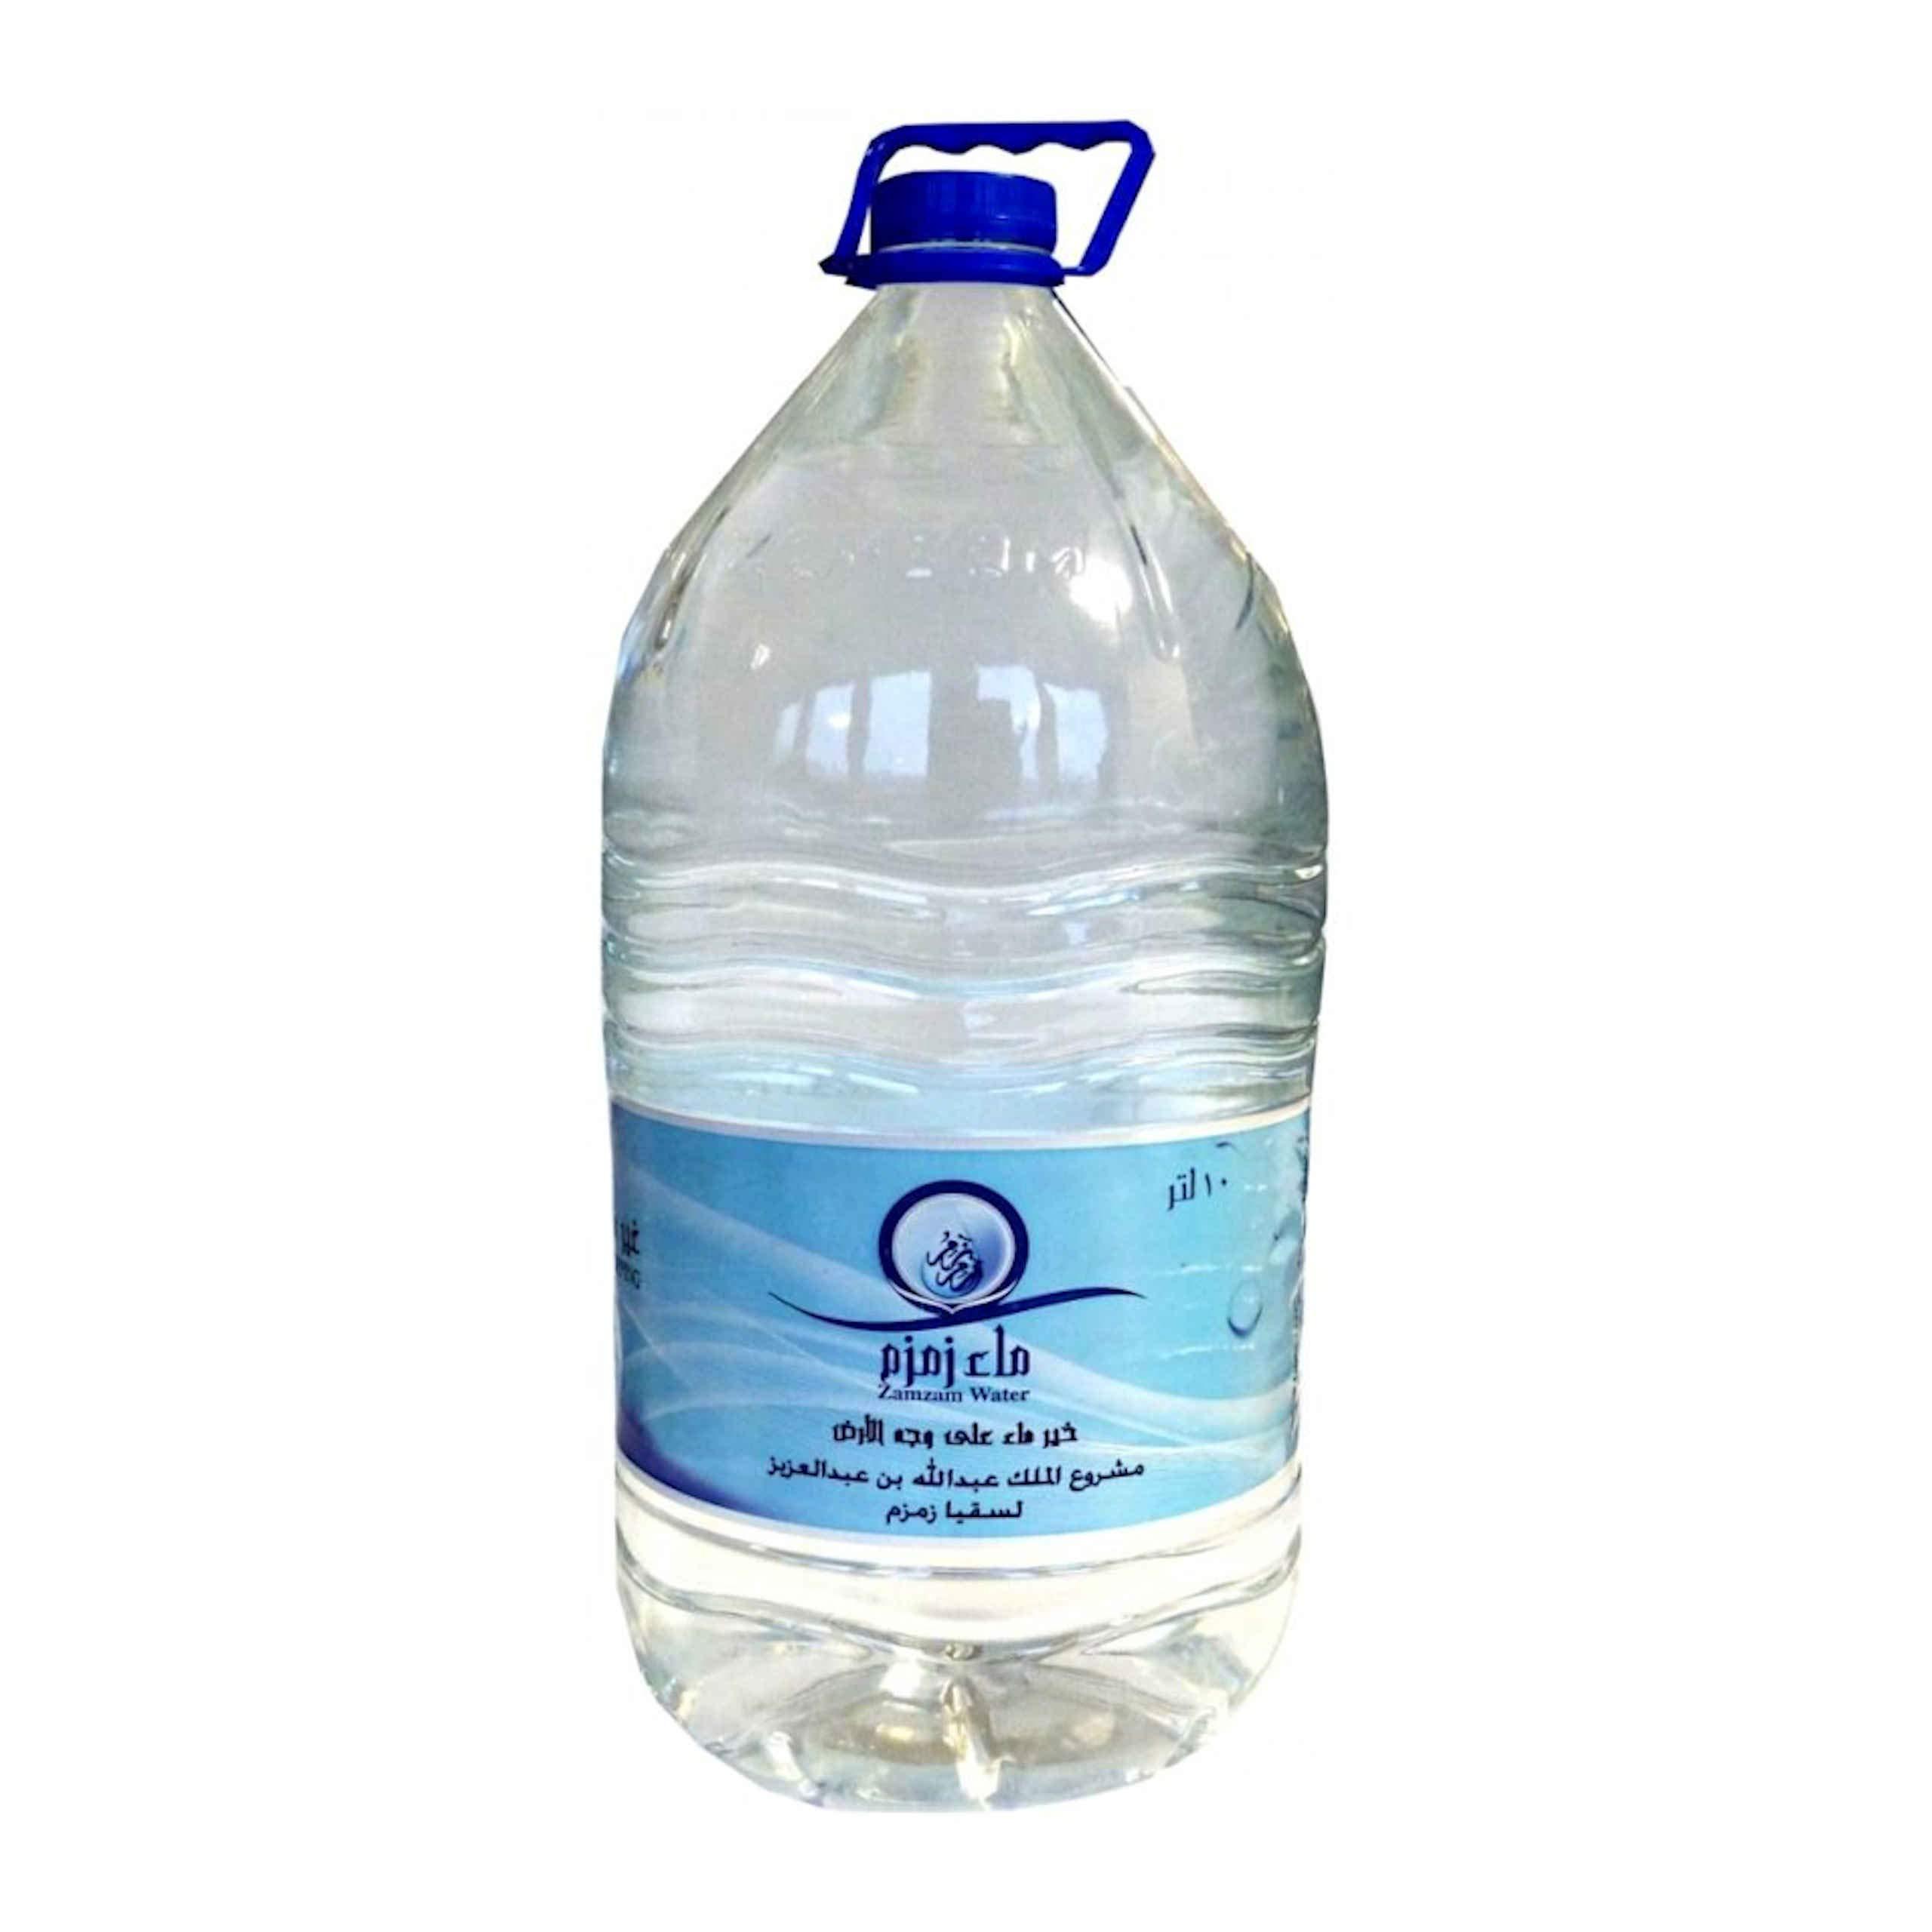 Pure Zam Zam Water - 10 Liter Bottle -